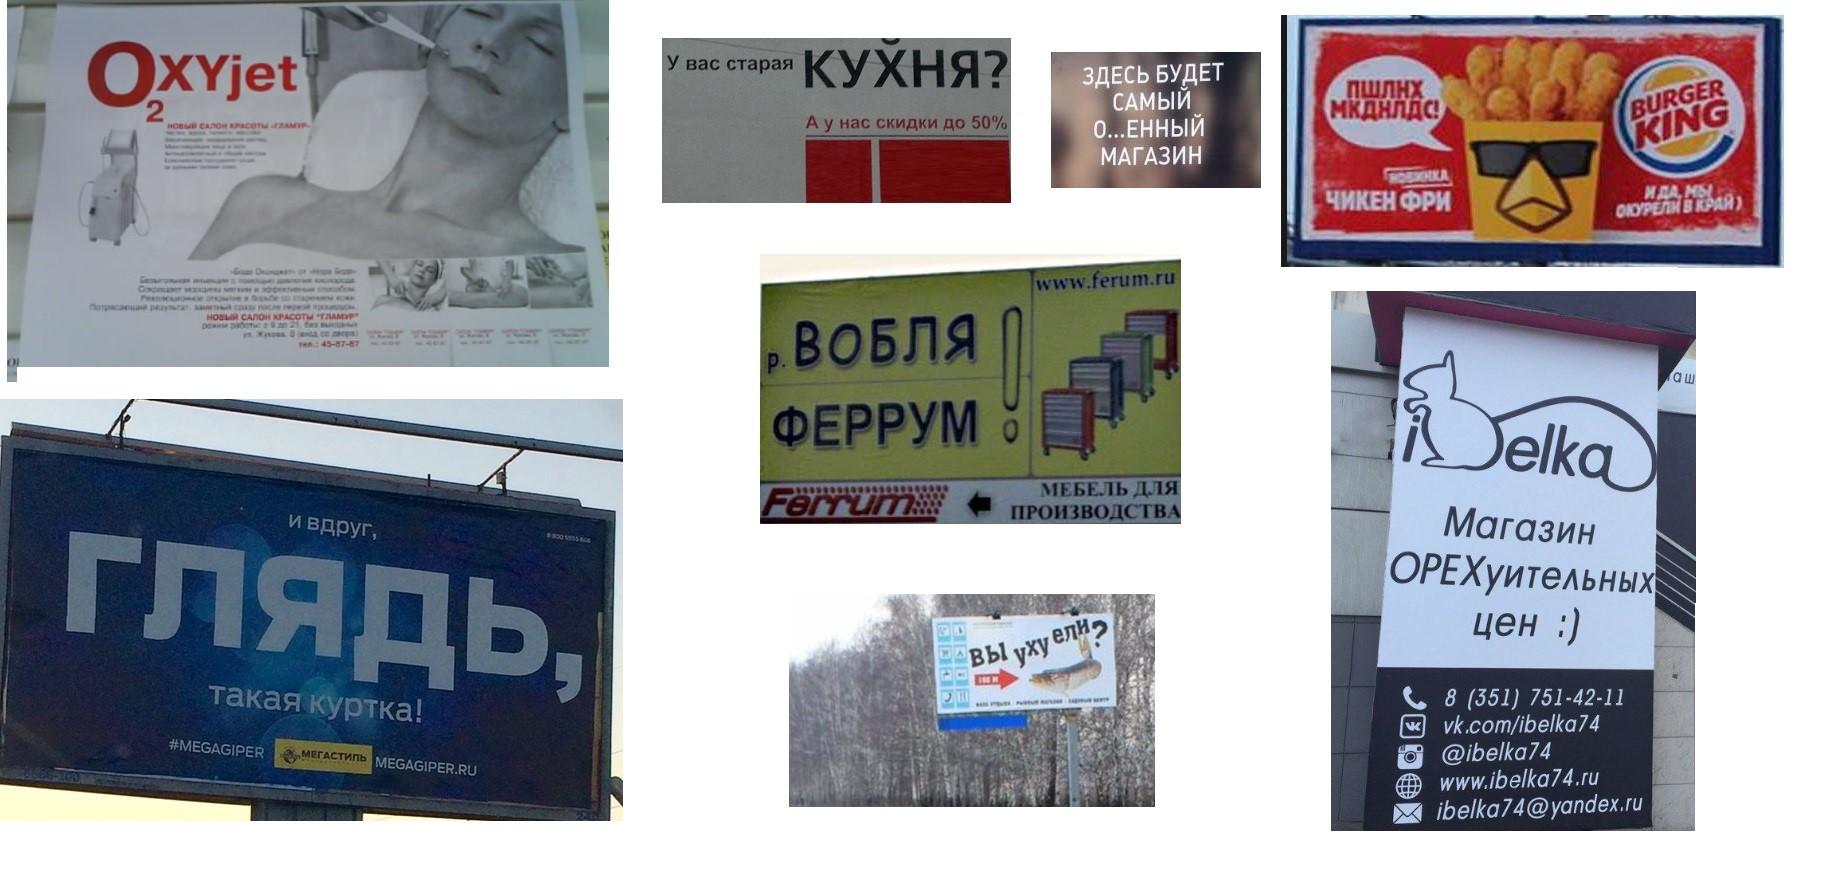 Примеры рекламы с нецензурной лексикой.jpg